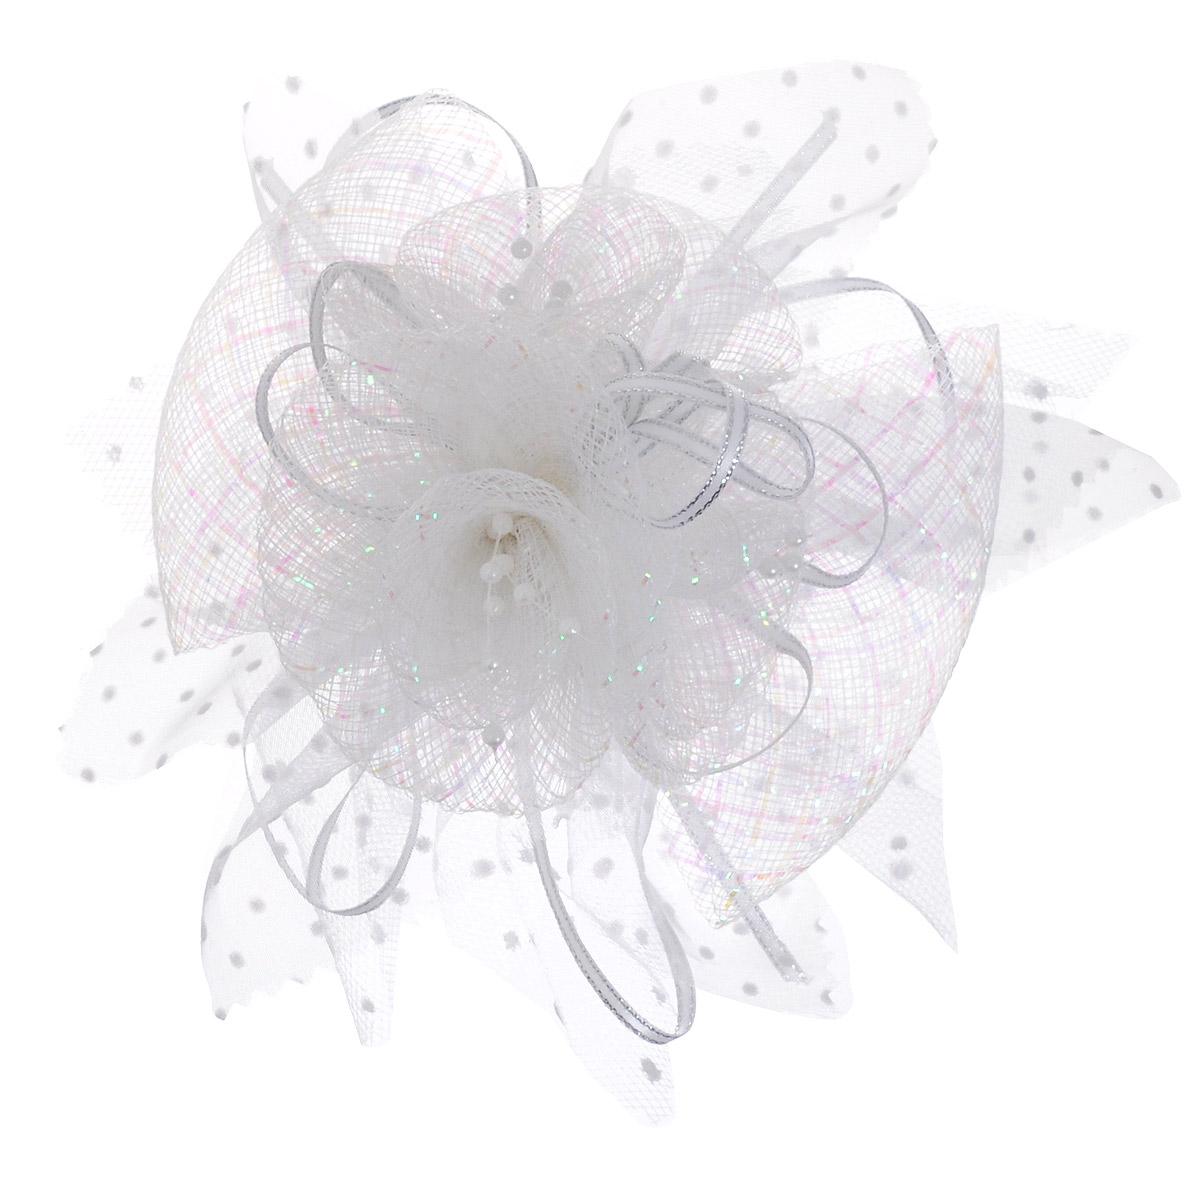 Babys Joy Зажим для волос цвет белый K 9KRAB2-M2GREЗажим для волос Babys Joy выполнен из металла и декорирован большим бантом из органзы с лентой из люрекса.Зажим позволит убрать непослушные волосы со лба и придаст образу немного романтичности и очарования.